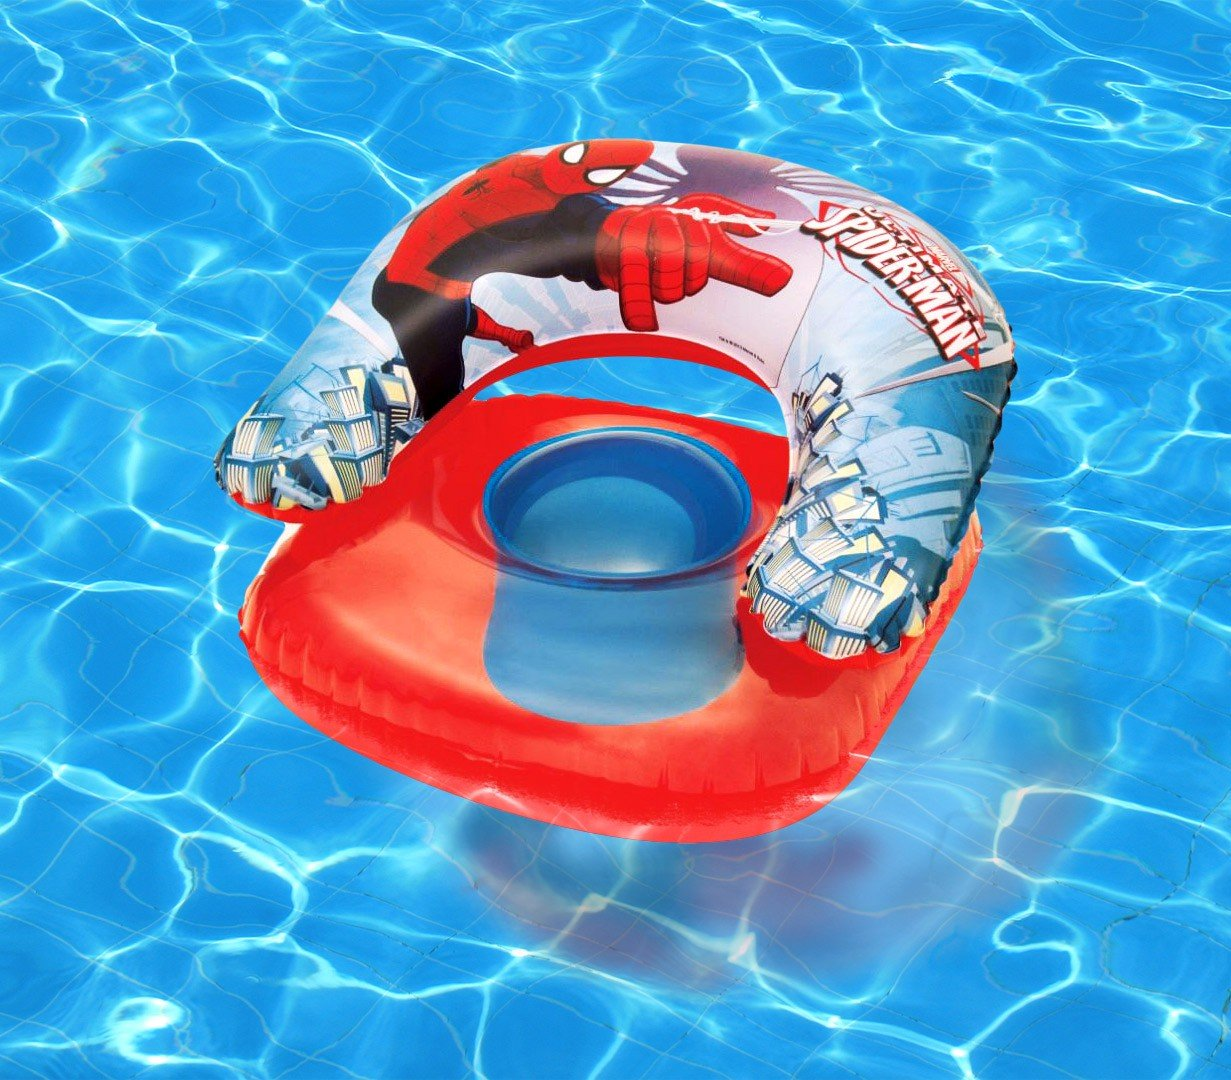 98008 fauteuil aquatique gonflable spiderman pour les enfants BESTWAY